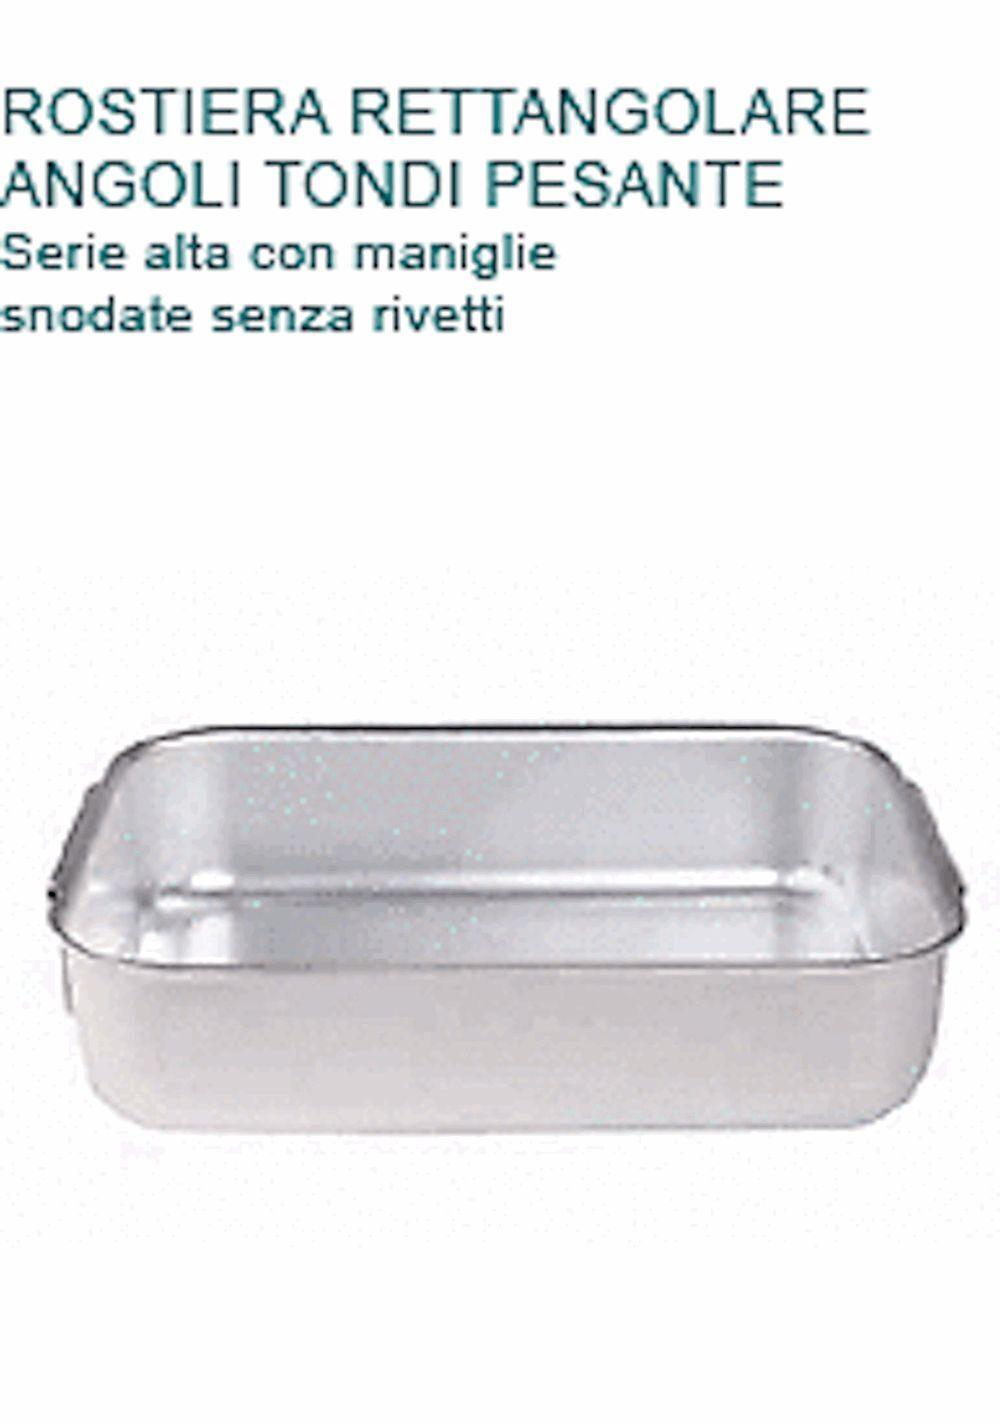 ROSTIERA Alluminio cm 60X40X10H PESANTE 2 MANIGLIE Professionale Pentole Agnelli